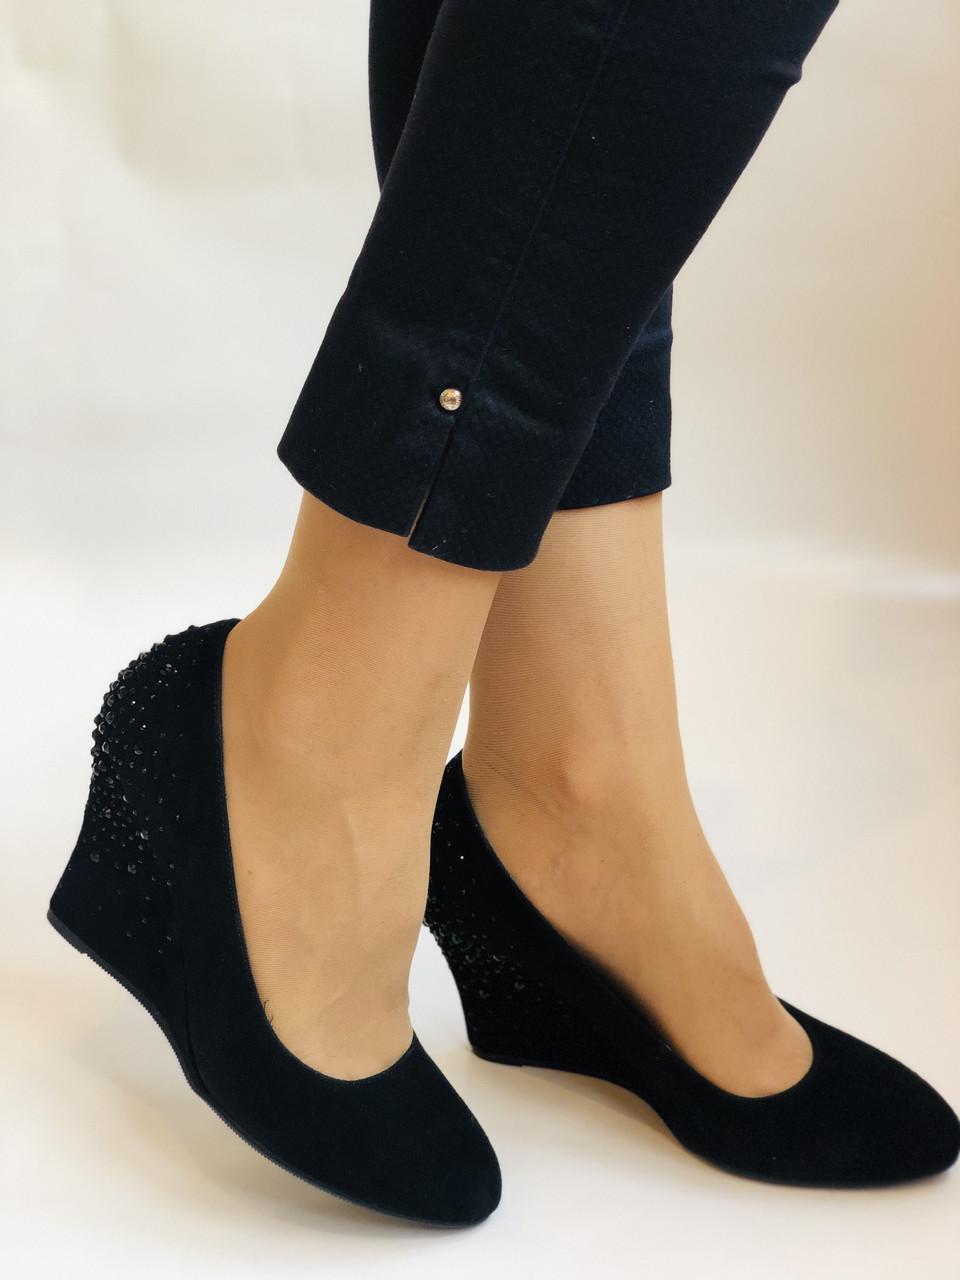 Жіночі модельні туфлі-човники на скелі.Blue Tempt. Натуральна замша. Чорний Розмір 39.40